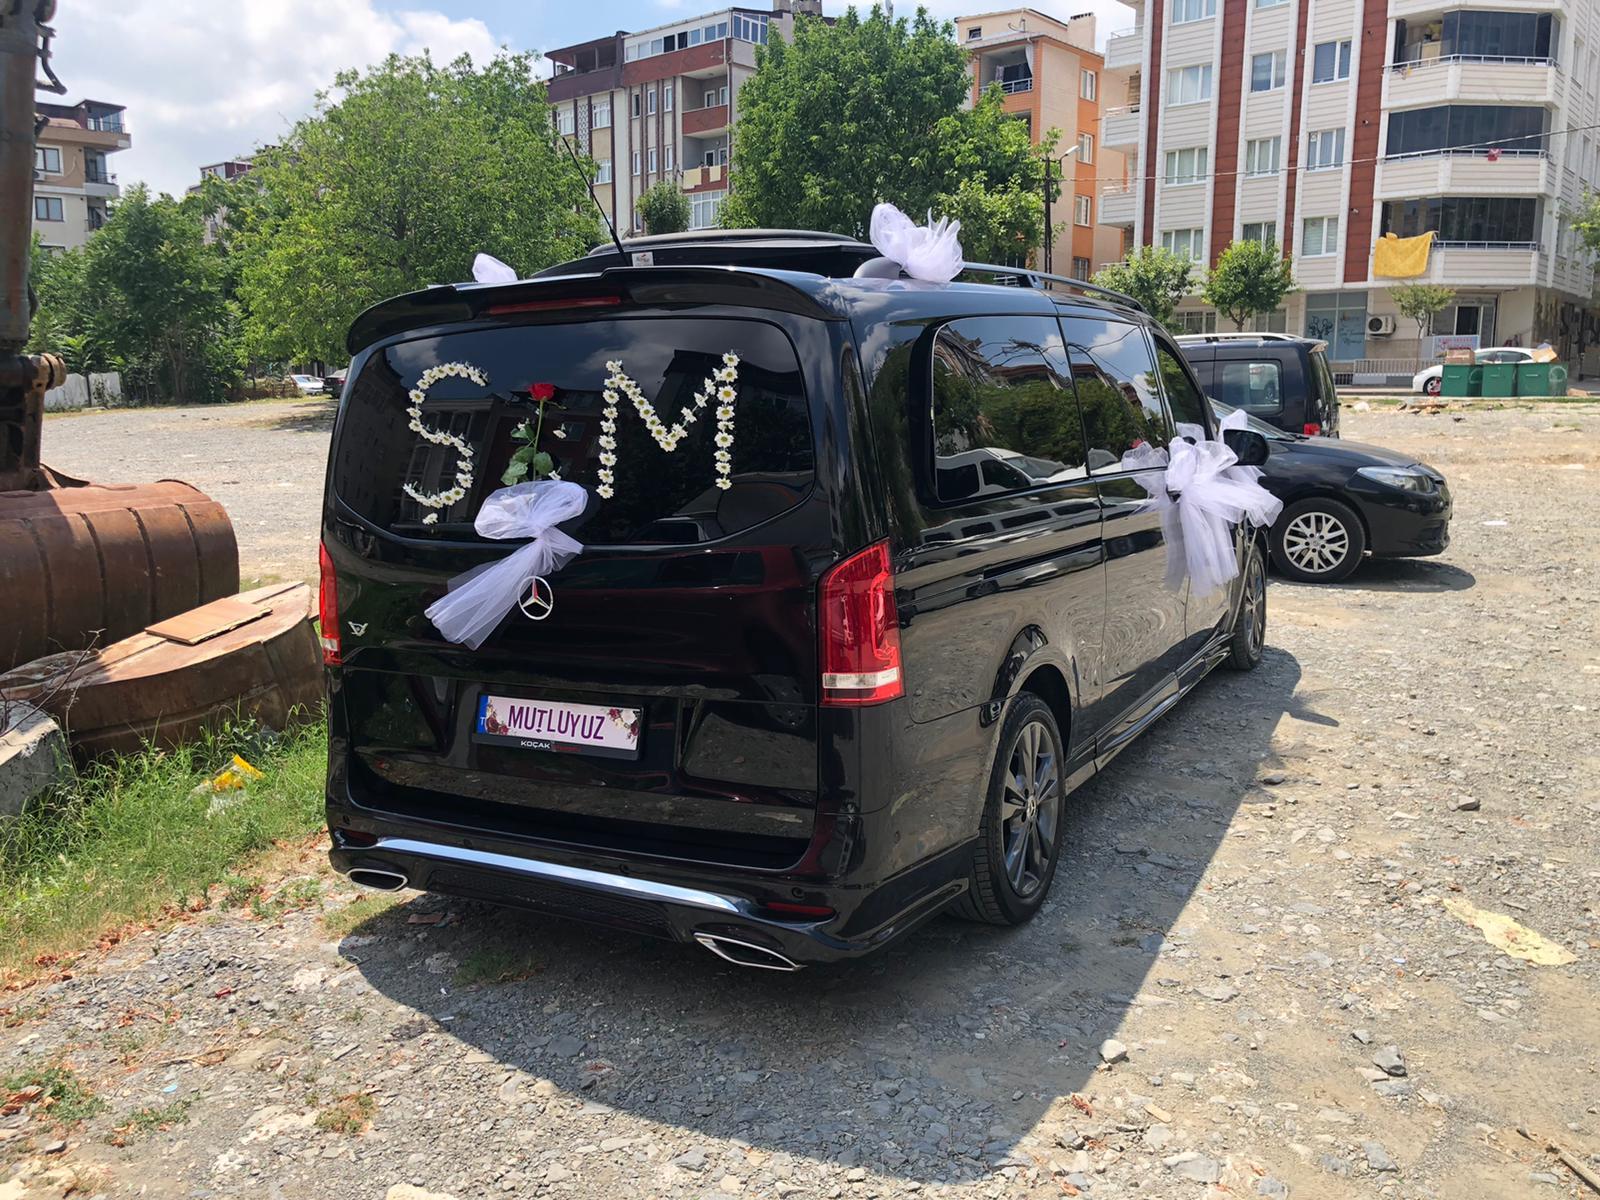 Vip Bridal Car